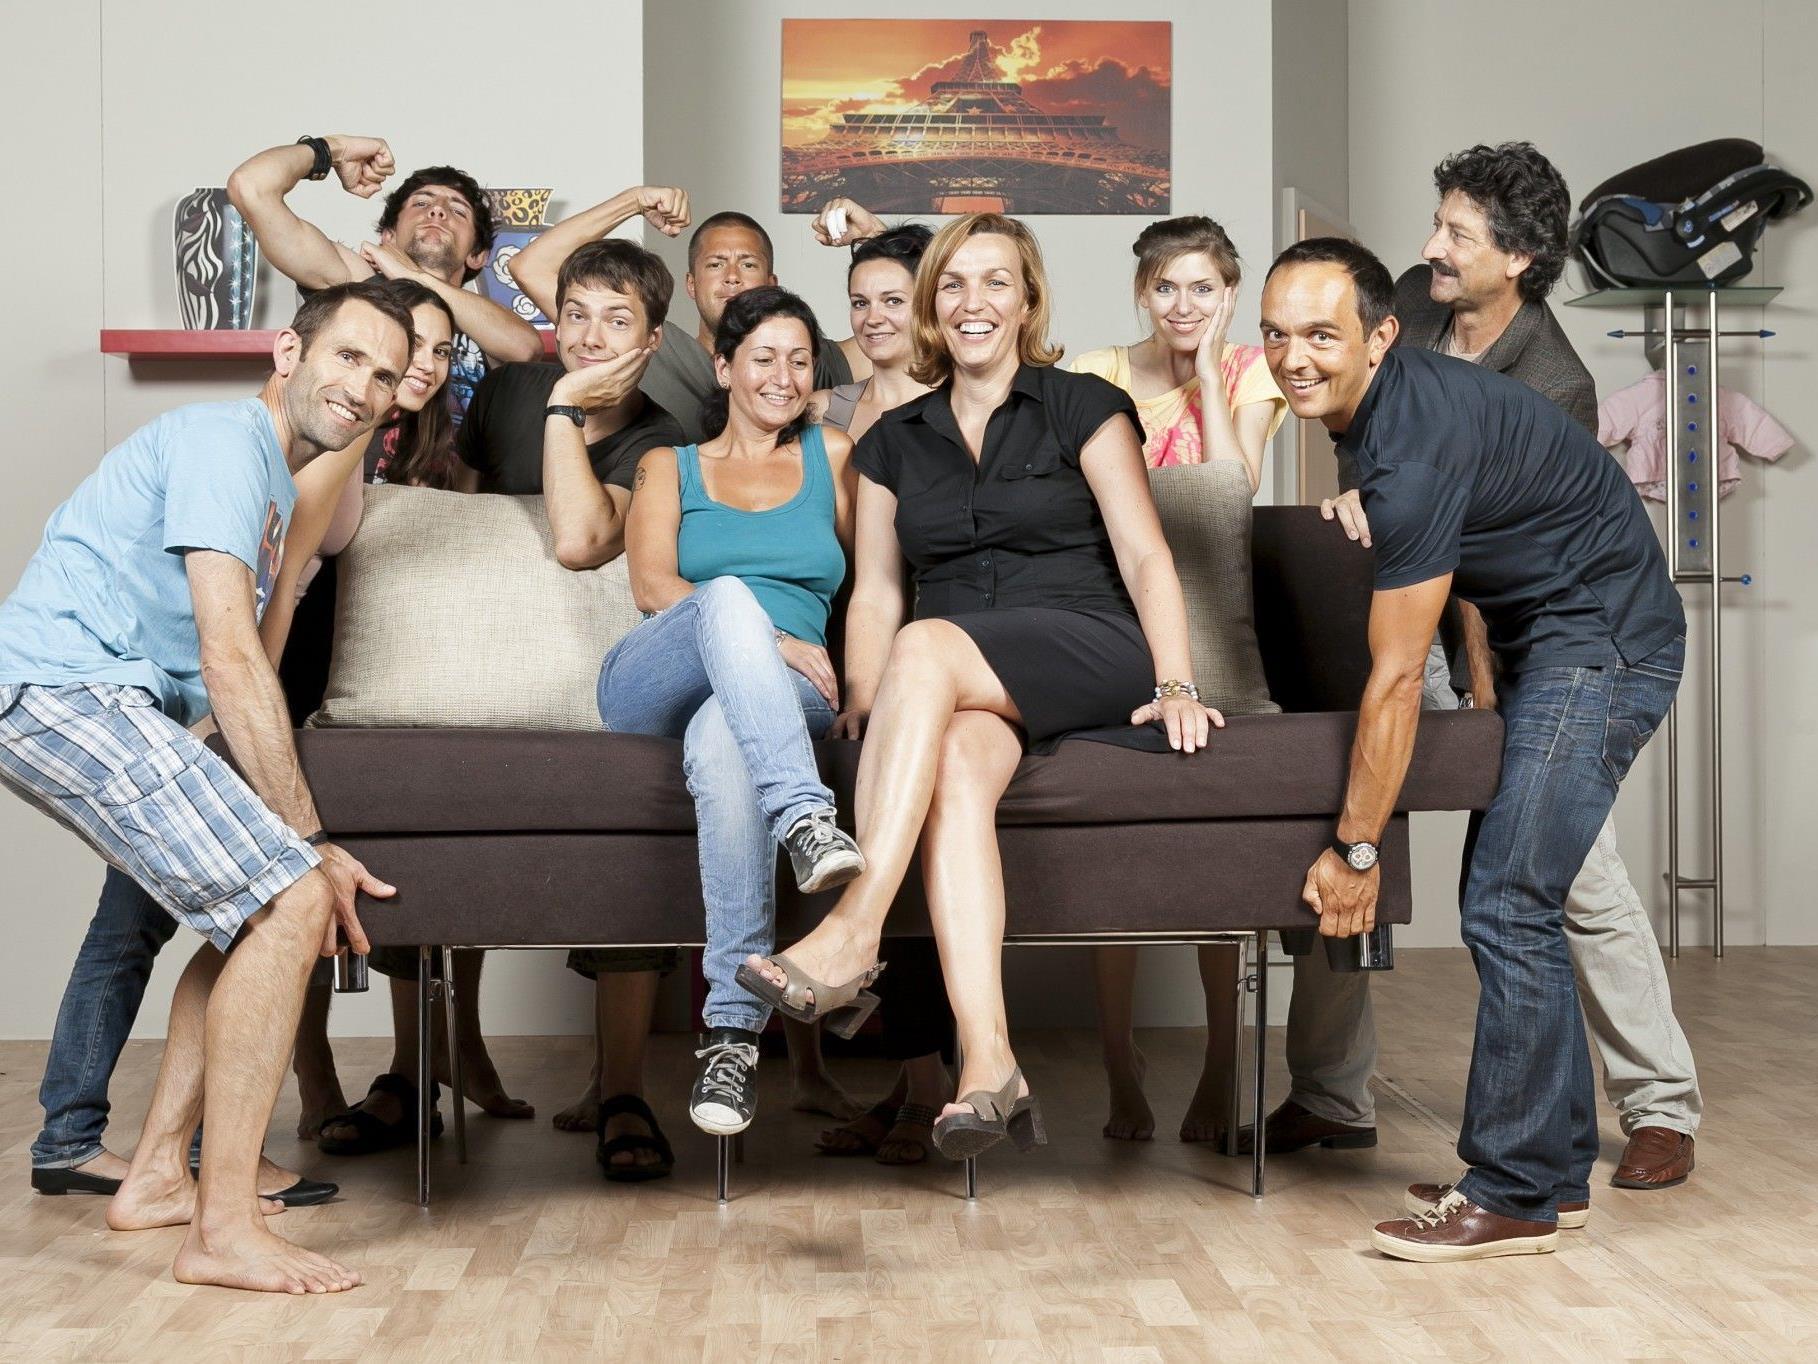 """Die """"Achtung Ländle 2""""-Crew mit Hannes Jochum (re.) und Karoline Mätzler (Sofa rechts)."""